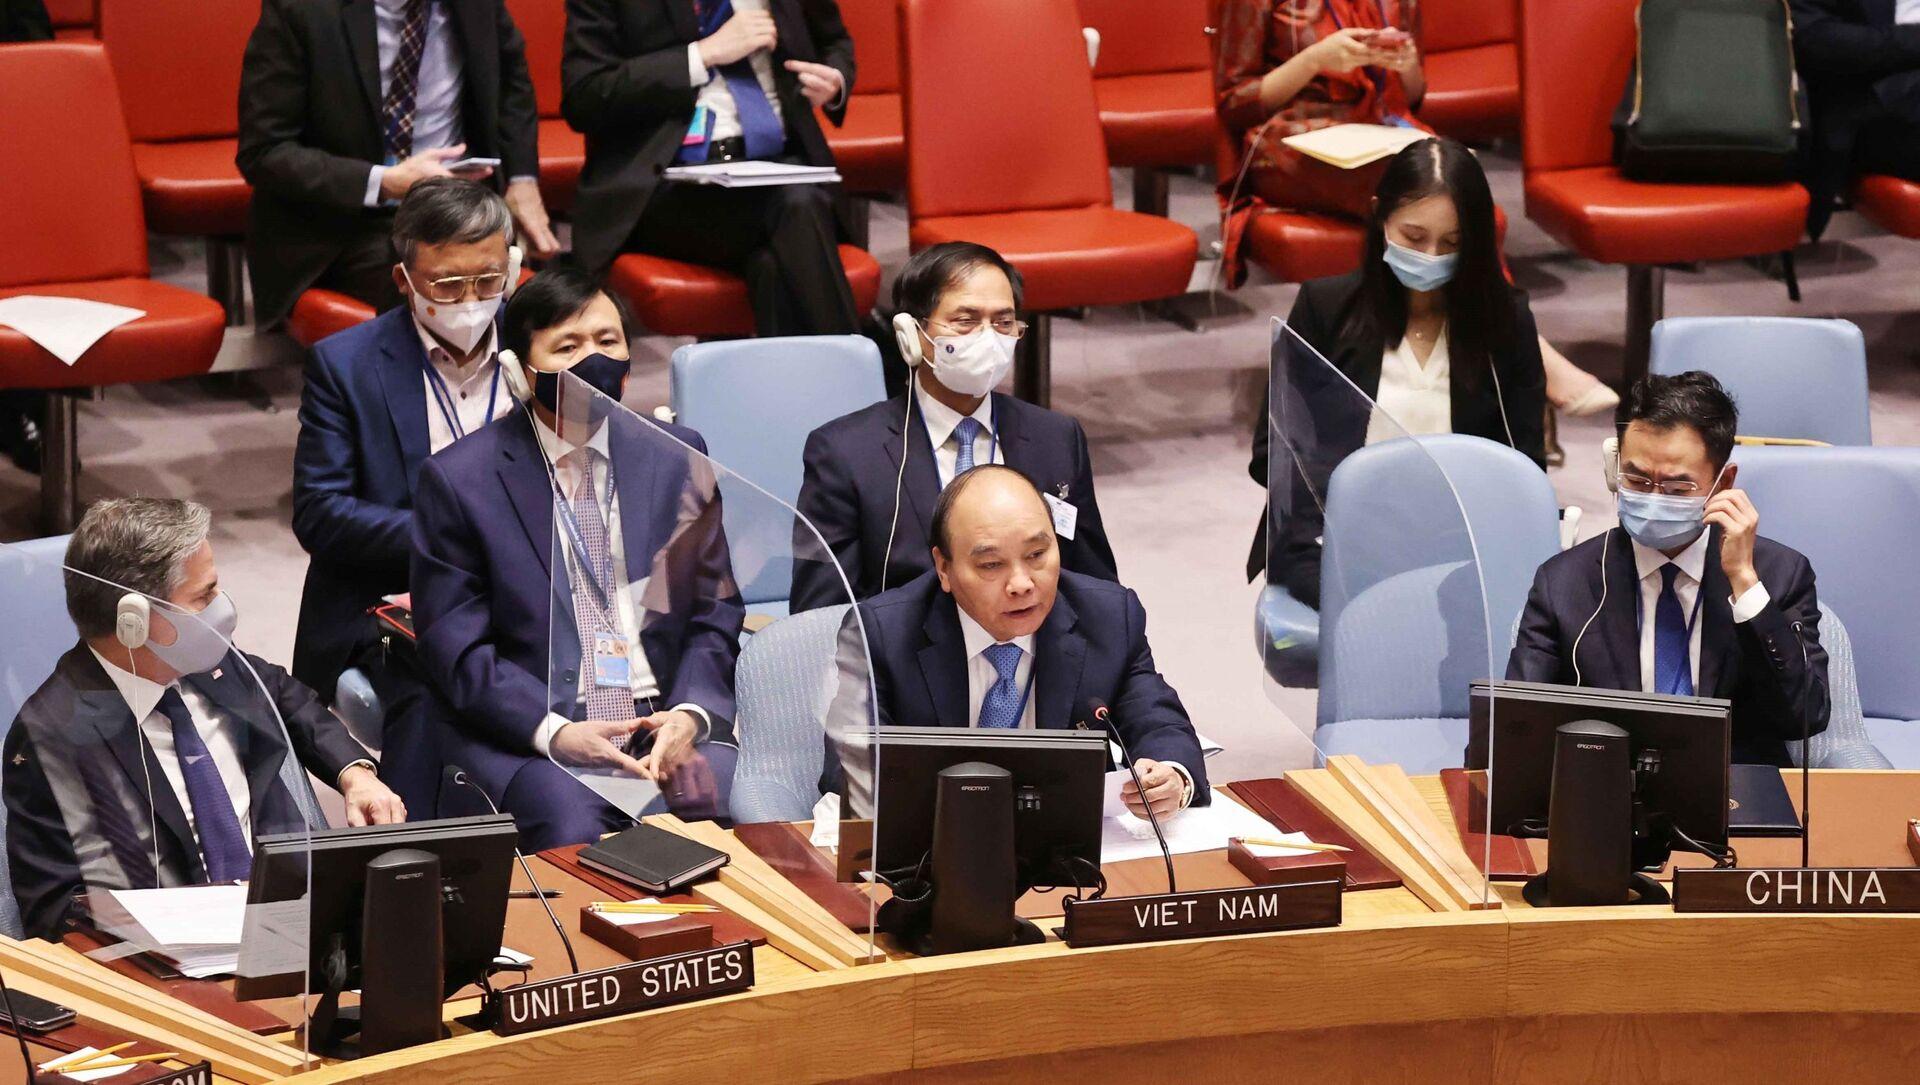 Chủ tịch nước Nguyễn Xuân Phúc phát biểu tại Phiên thảo luận cấp cao của Hội đồng Bảo an về Biến đổi khí hậu. - Sputnik Việt Nam, 1920, 24.09.2021